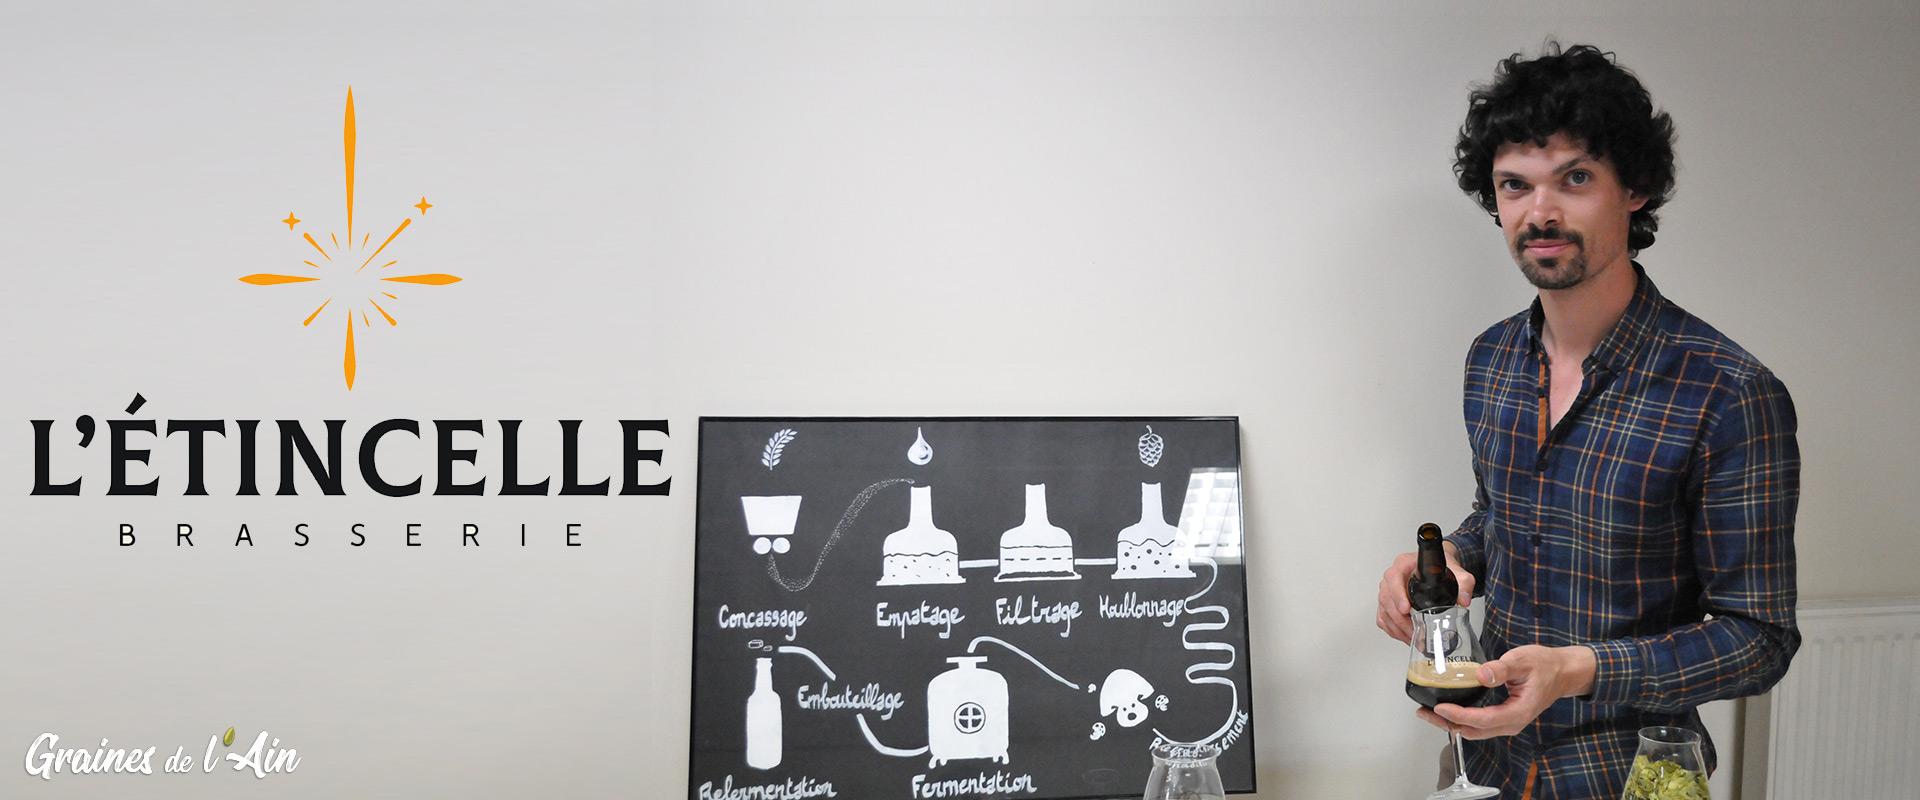 Brasserie L' étincelle - Magazine Graines de l' Ain